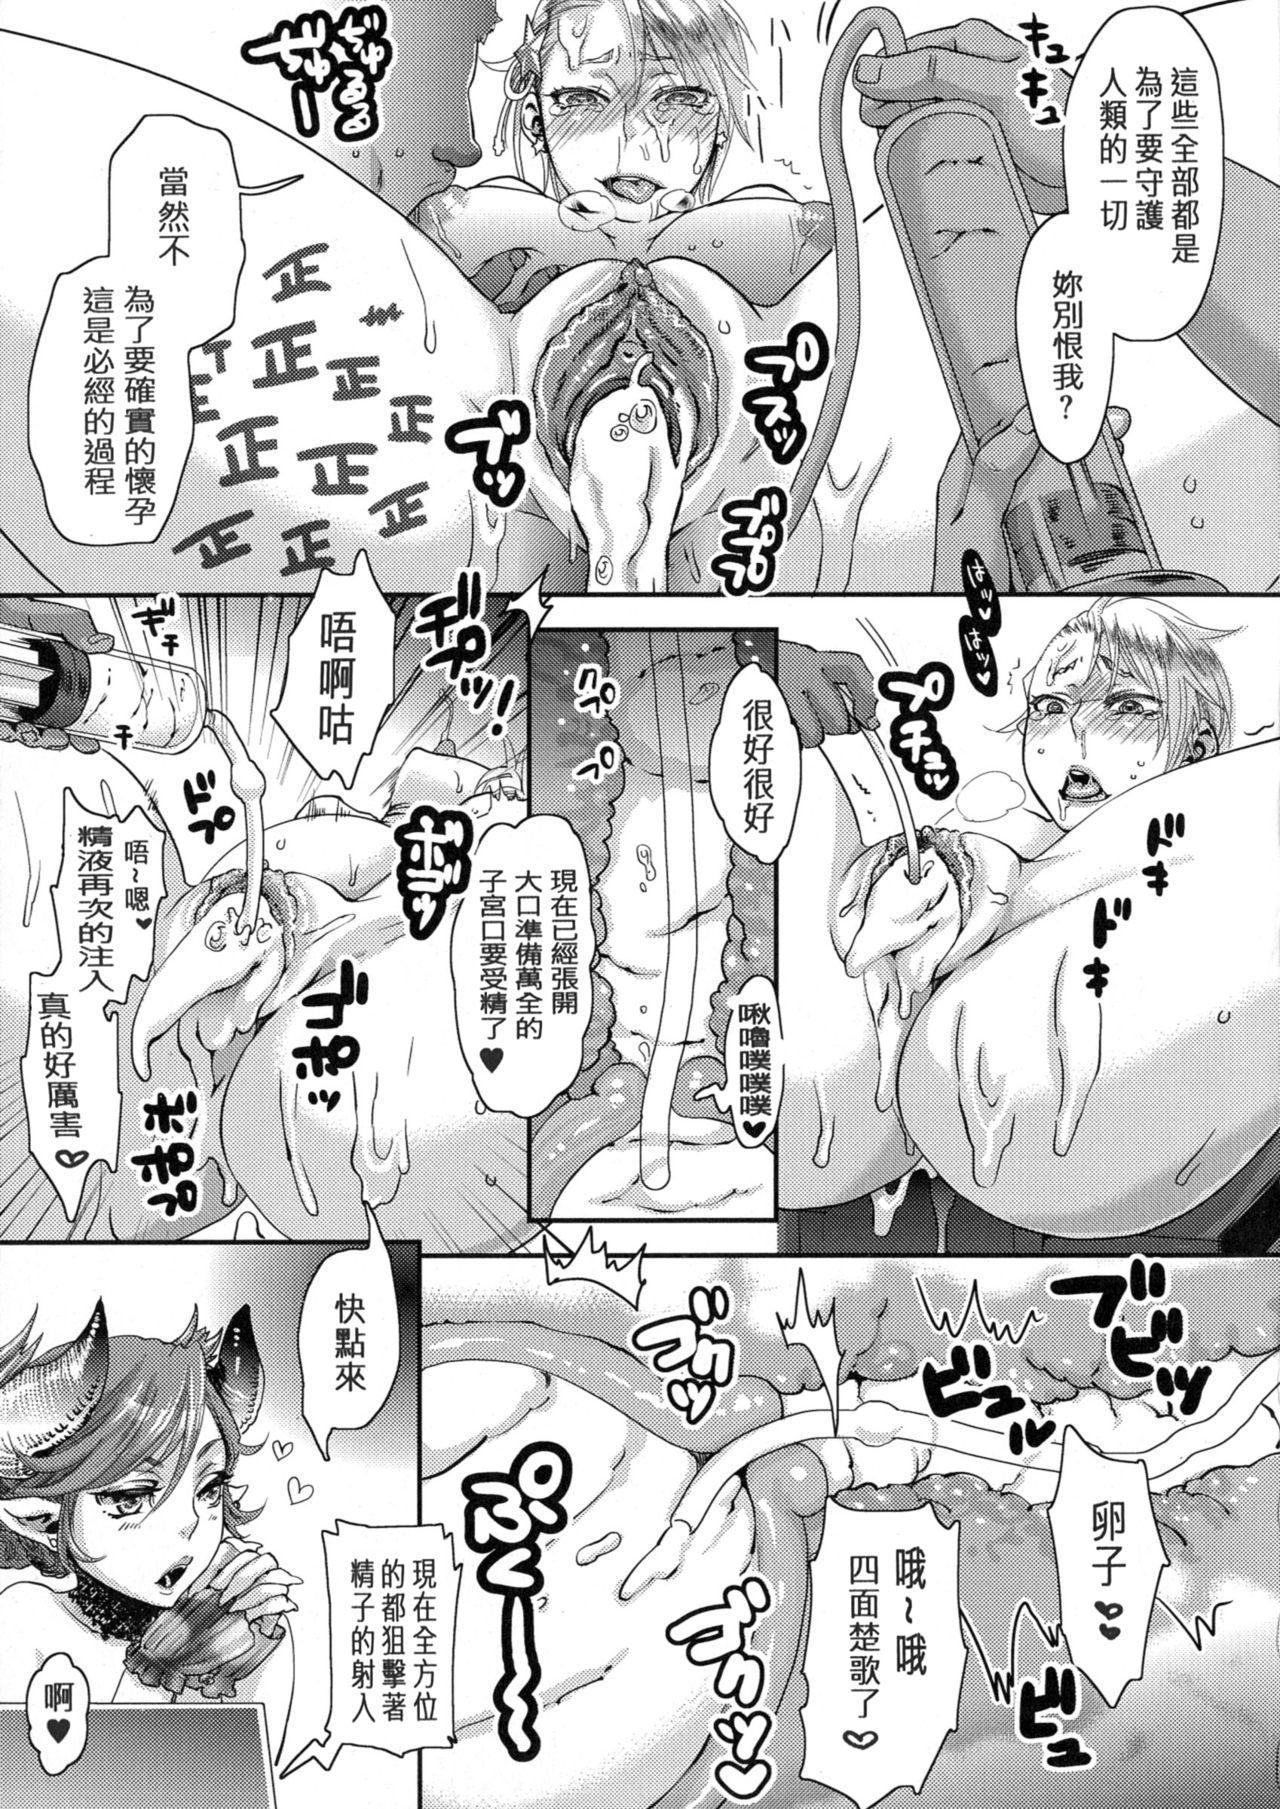 Chouki-sama no Ingyaku Yuugi 92